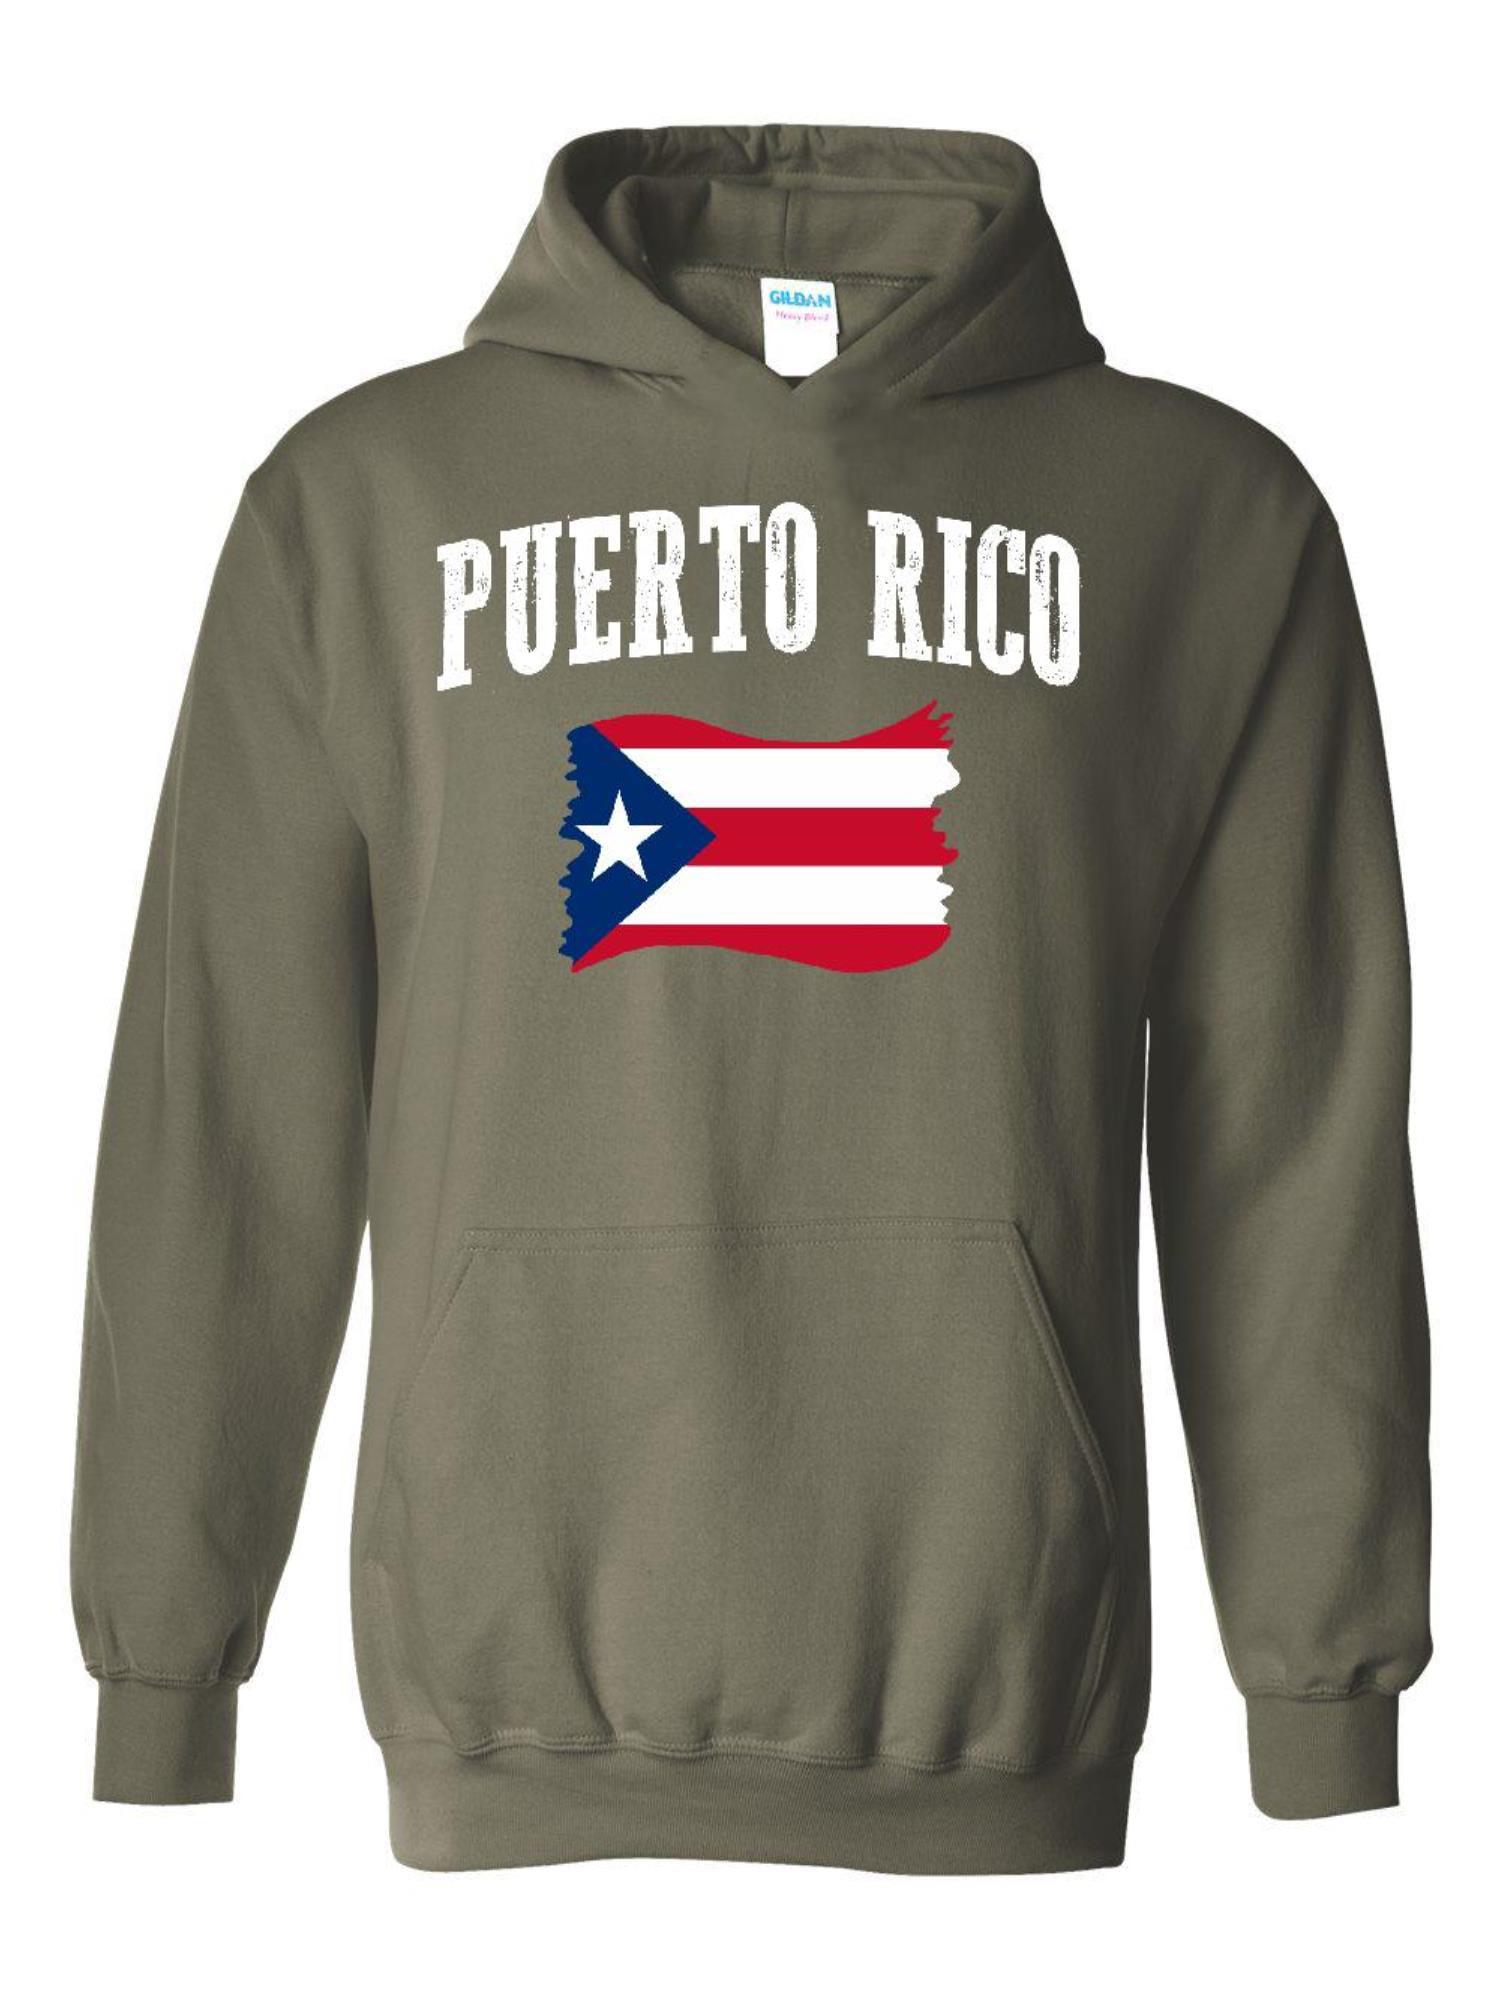 Puerto Rico National Pride Toddler Boys Girls Long Sleeve Sweatshirt Pocket Hoodie 2-6T